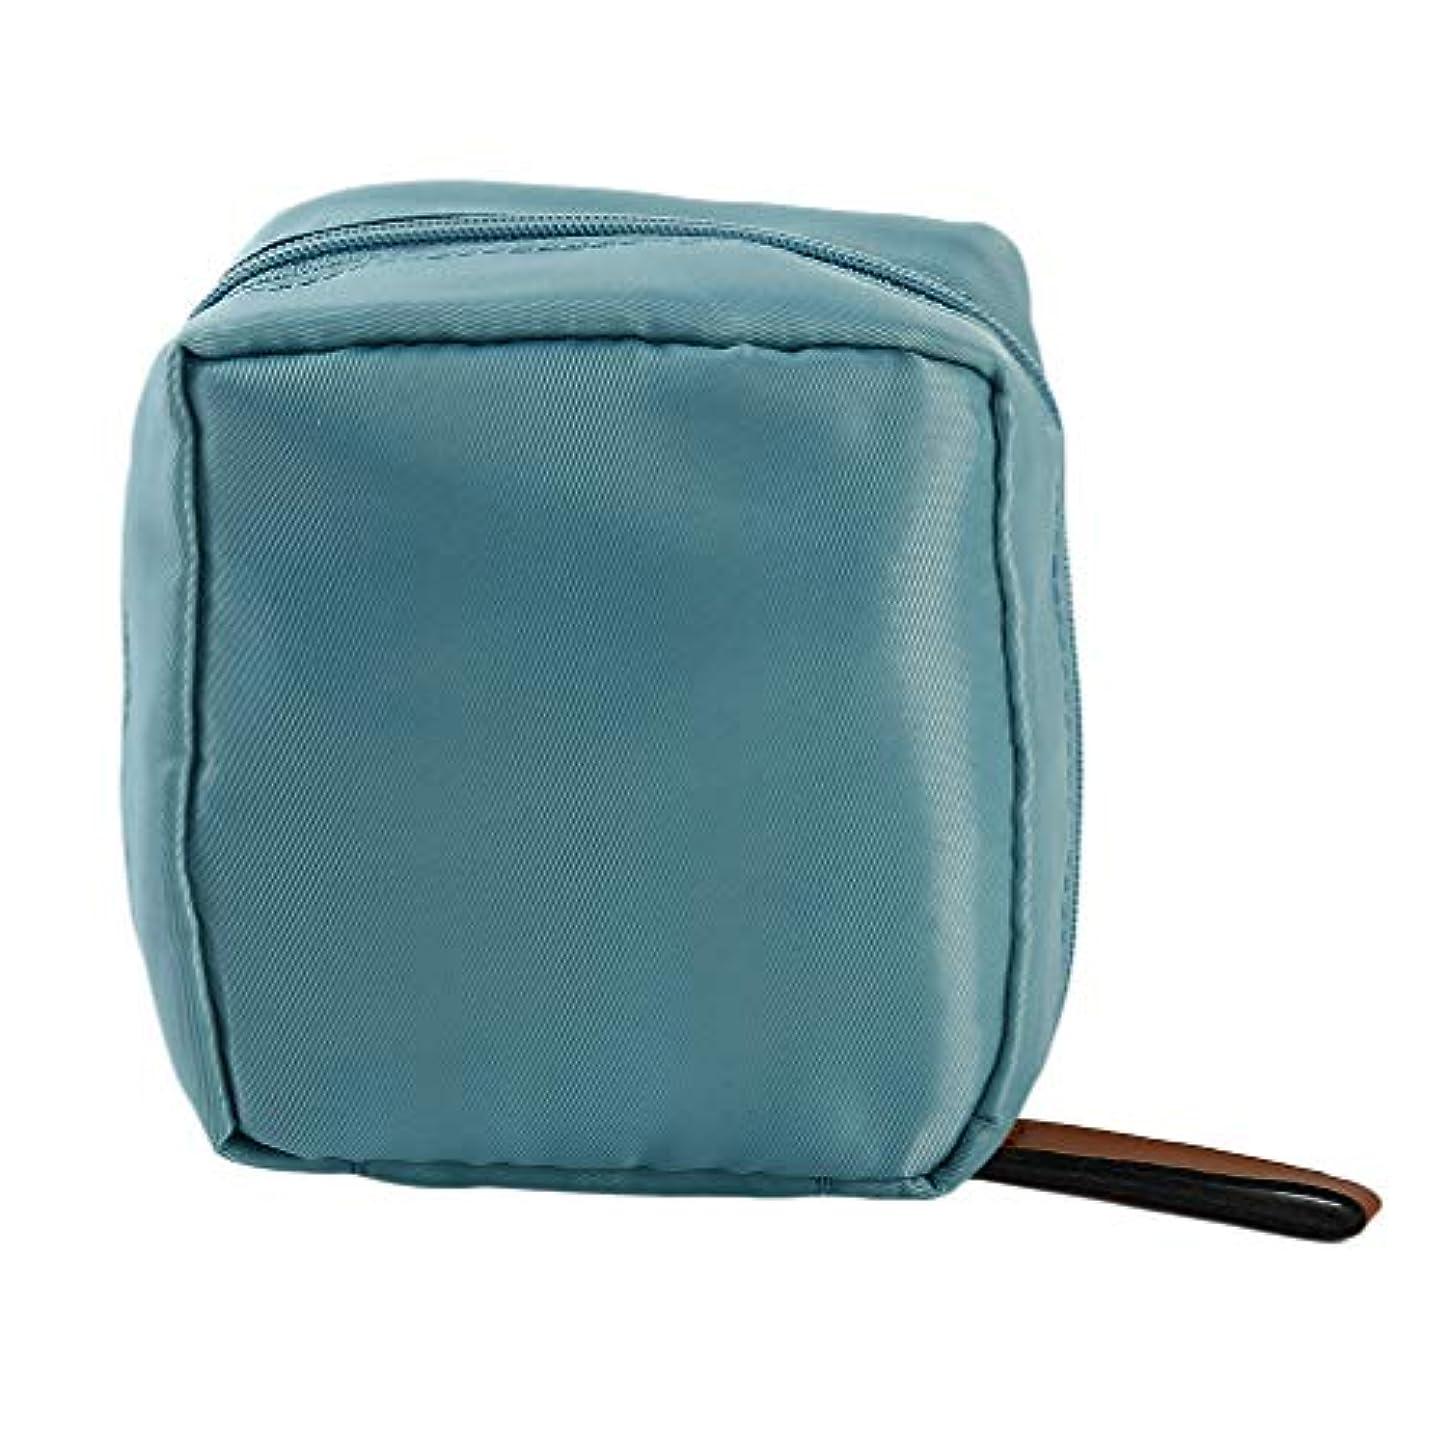 役立つ比類のないラッシュ青空の日差し 化粧ポーチ 収納ボックス トイレタリーバッグ ストライプ トラベルポーチ 化粧品 大容量 収納力抜群 旅行 出張 軽量 ブルー